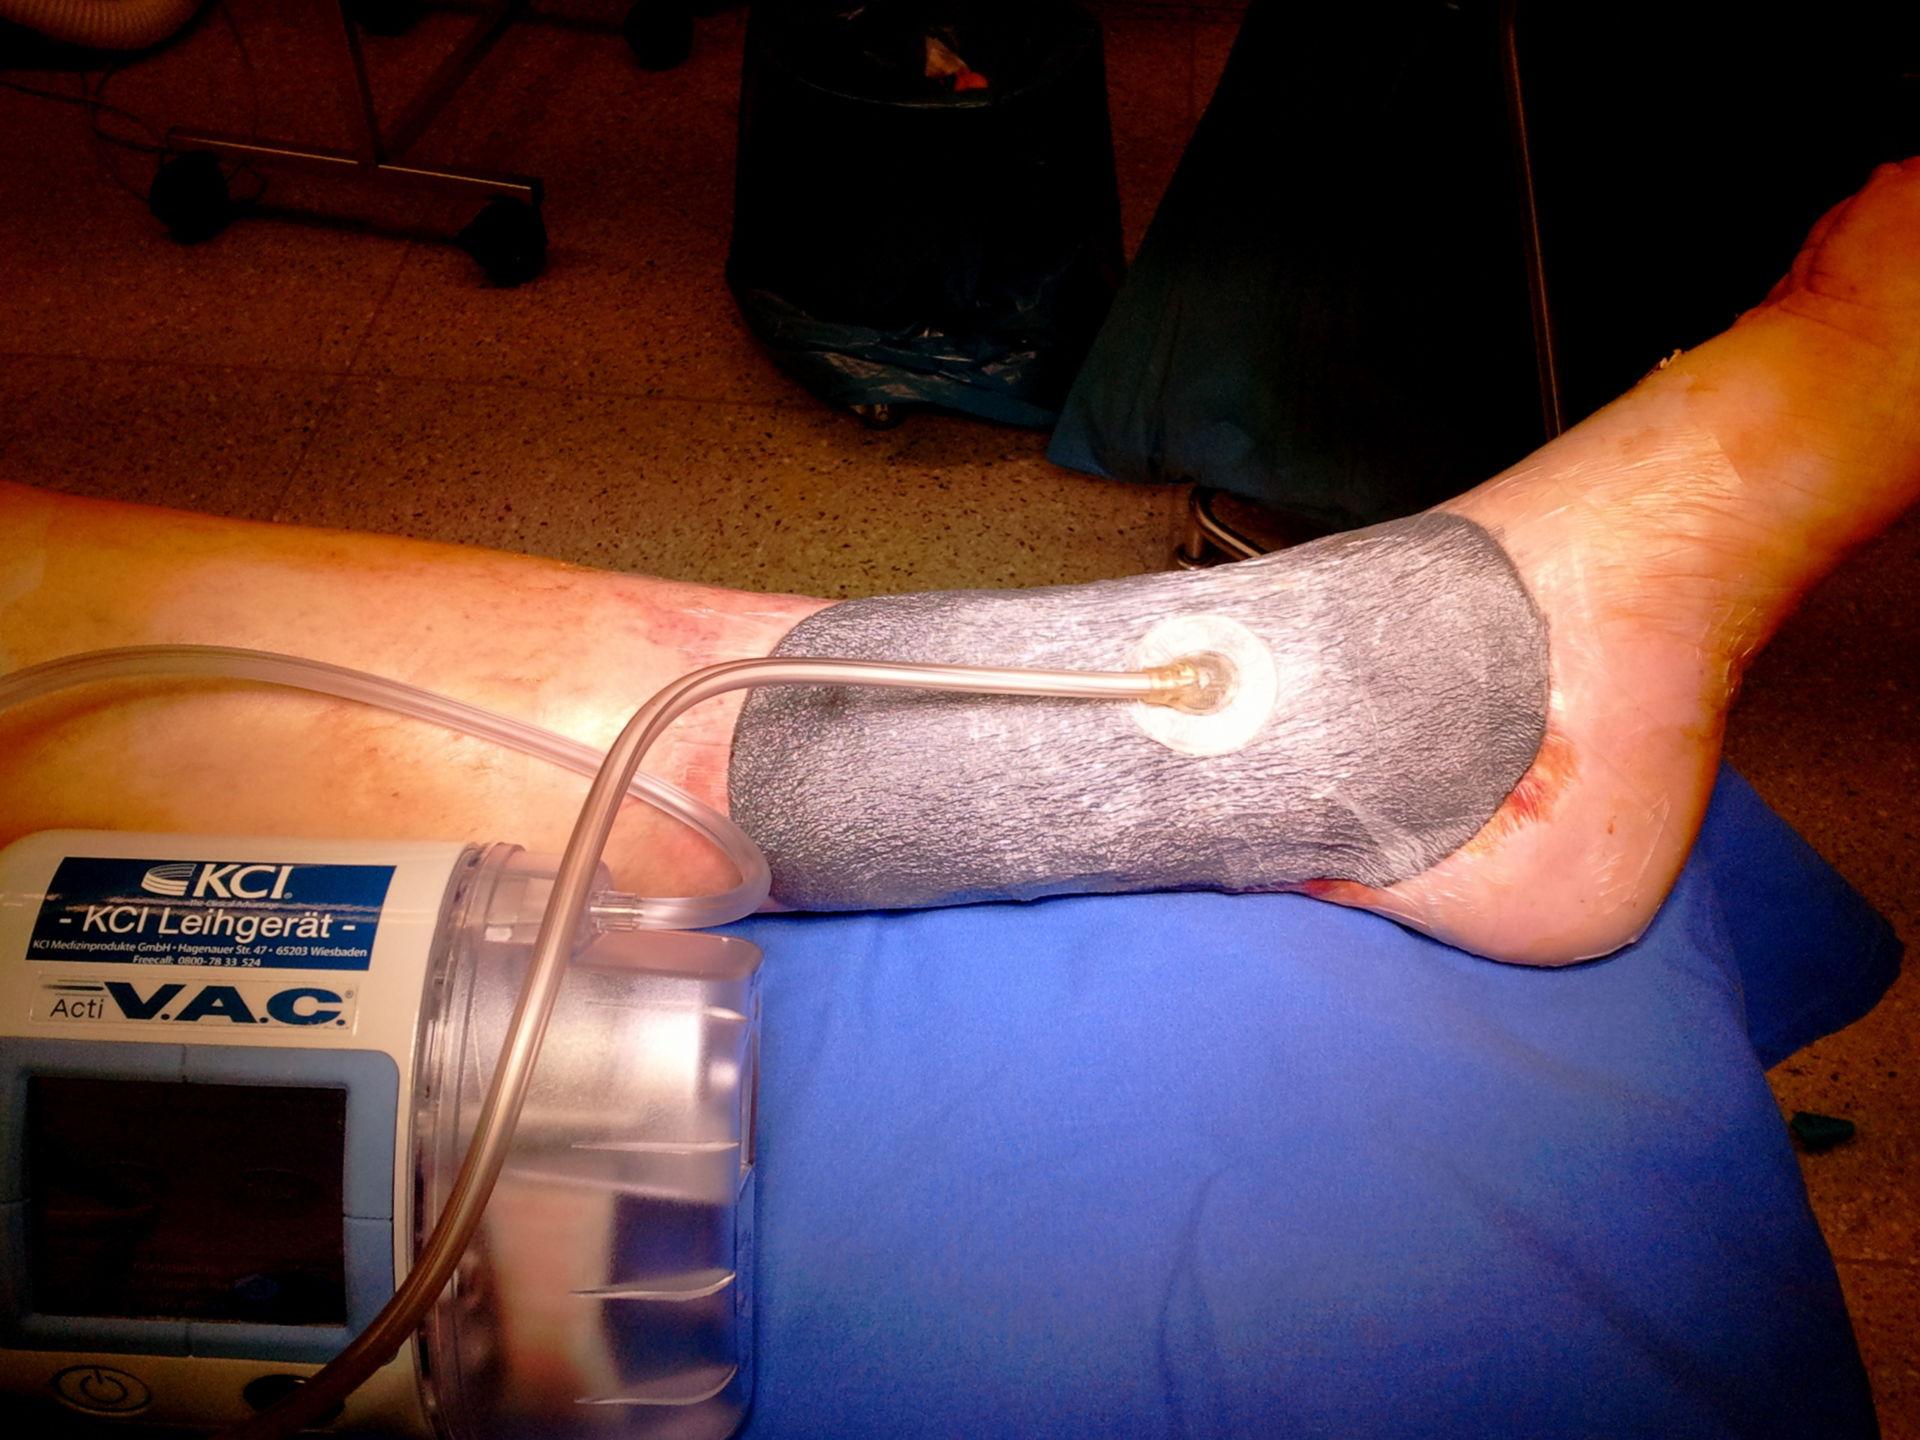 Trattamento della ulcera della gamba (ulcus cruris)